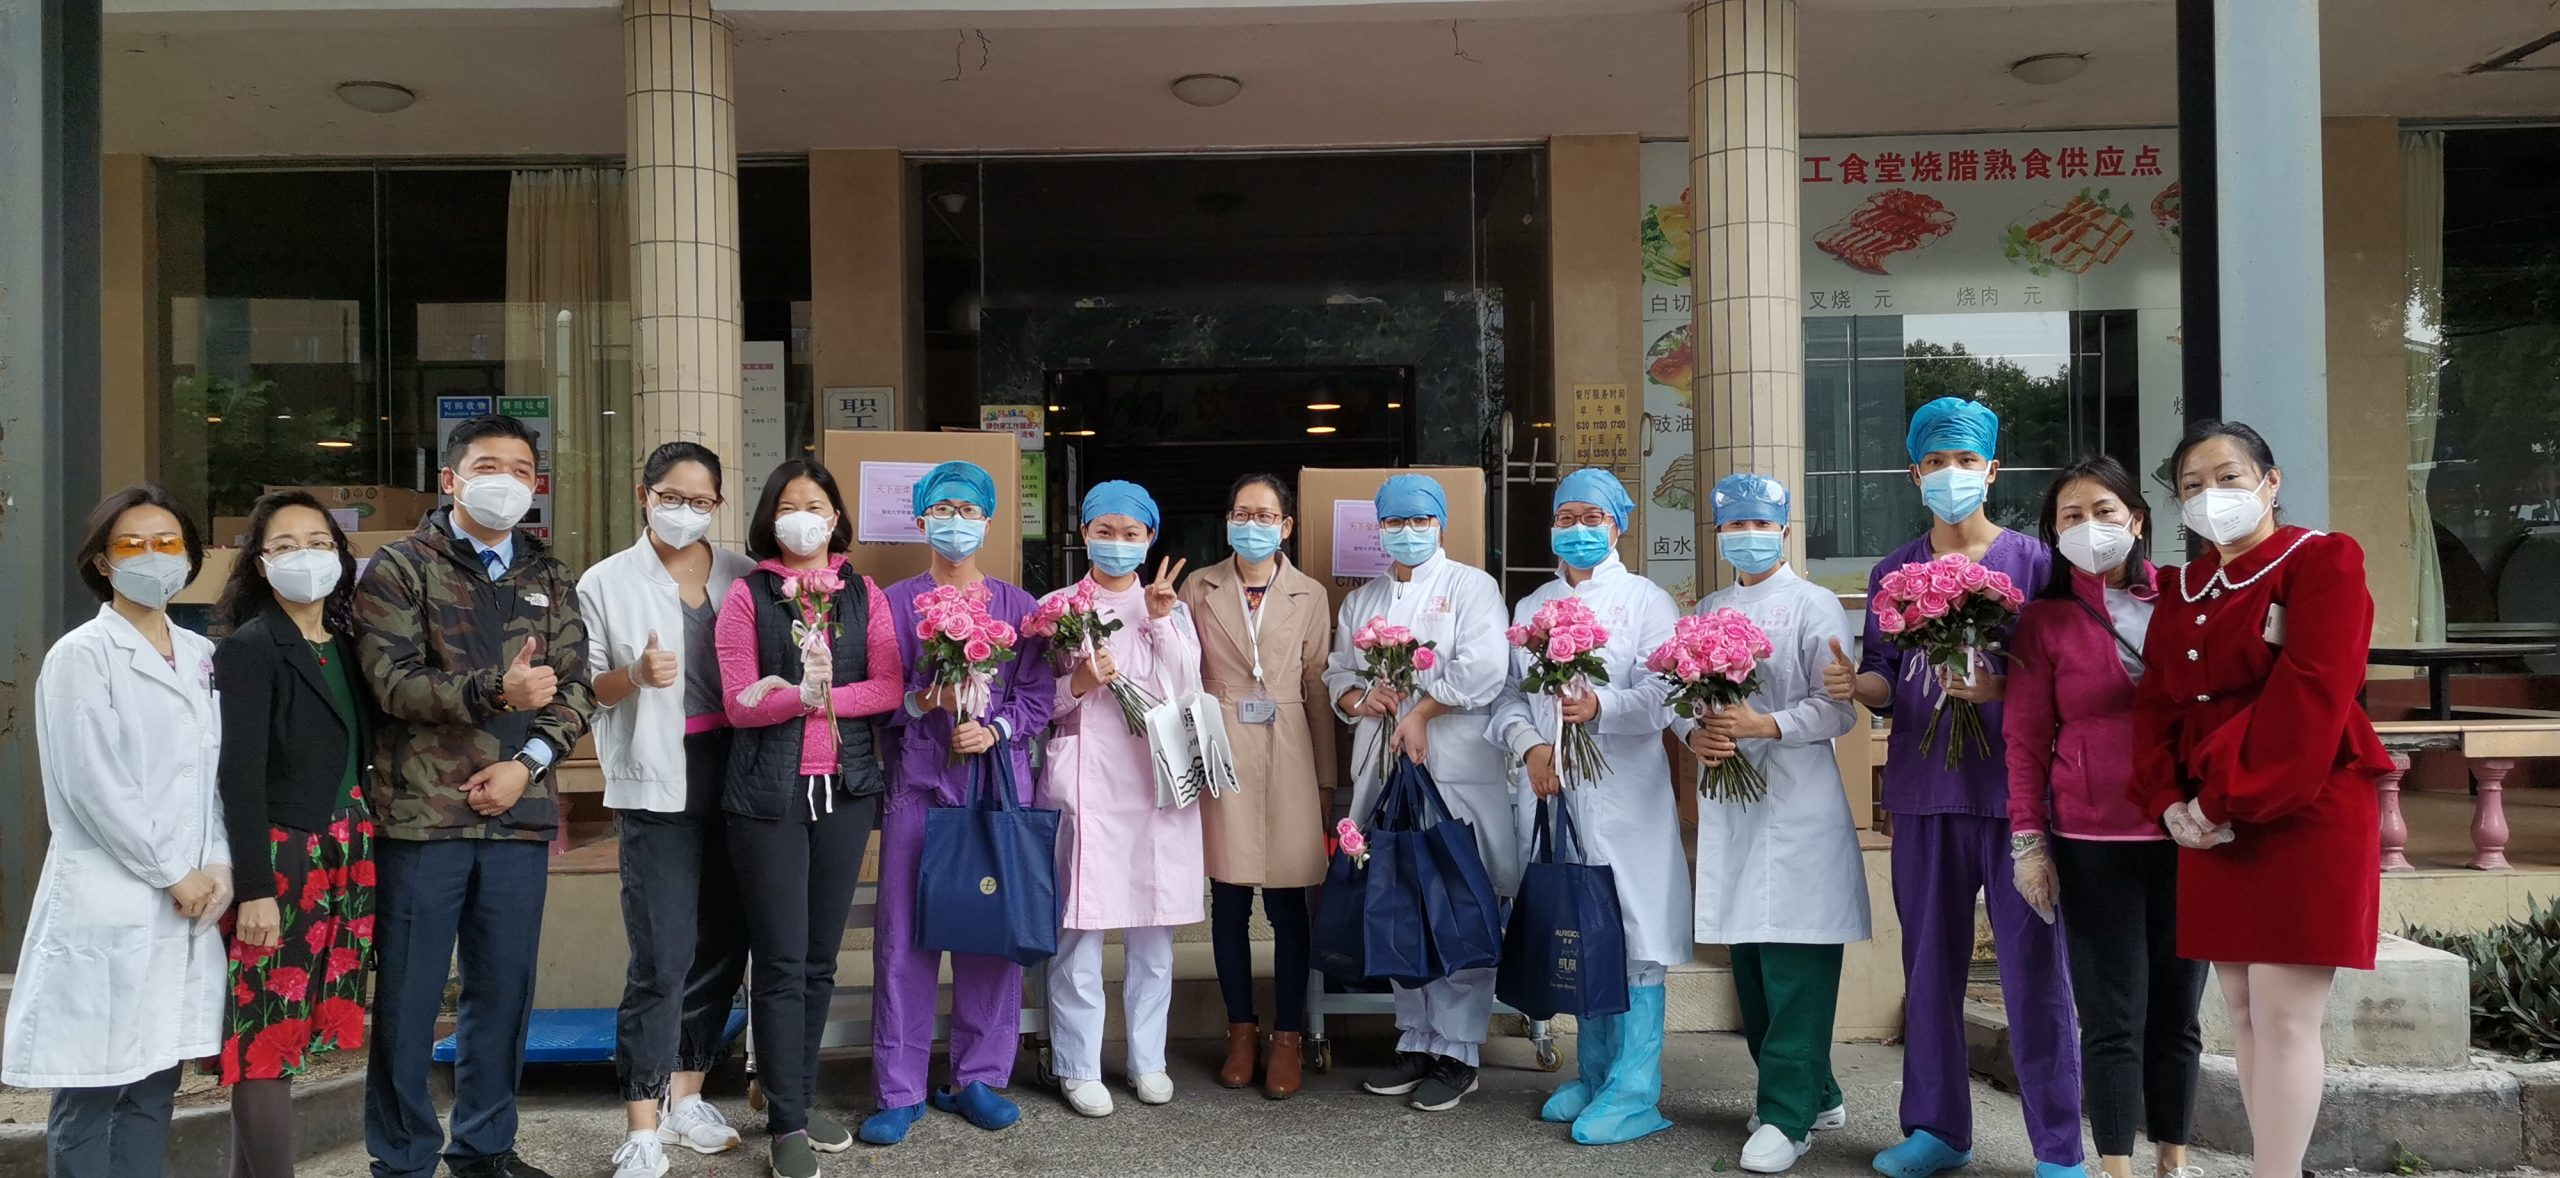 酒店管理团队与医护人员合影 | Hotel management team and medical workers